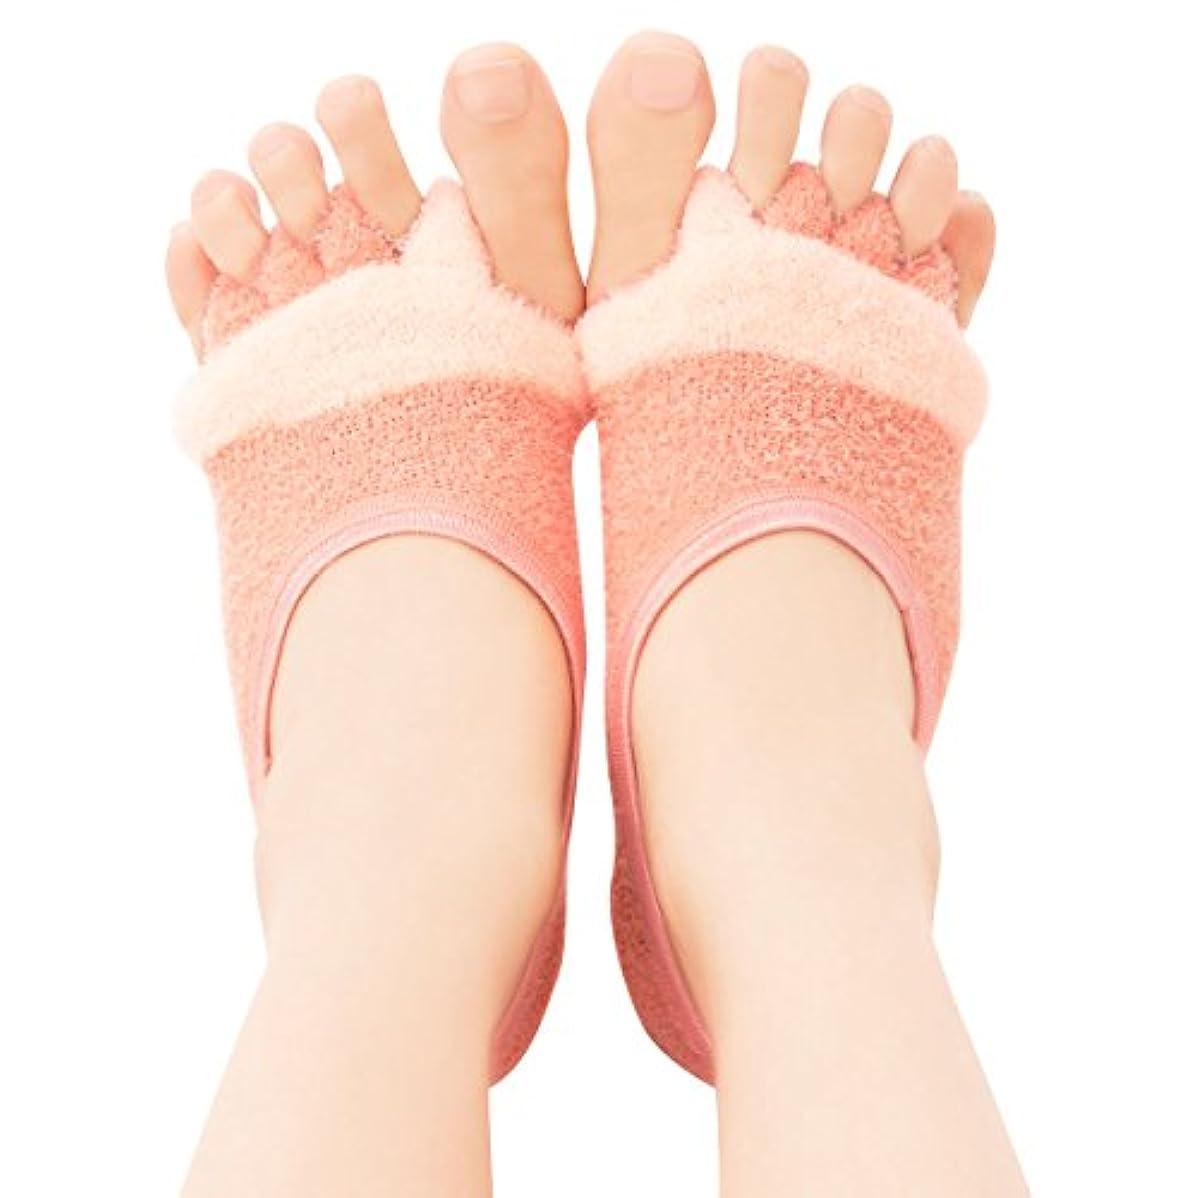 スチュワード埋める気分が良いフットカバー 5本指 レディース リラックス 足指開くクッション付きソックス